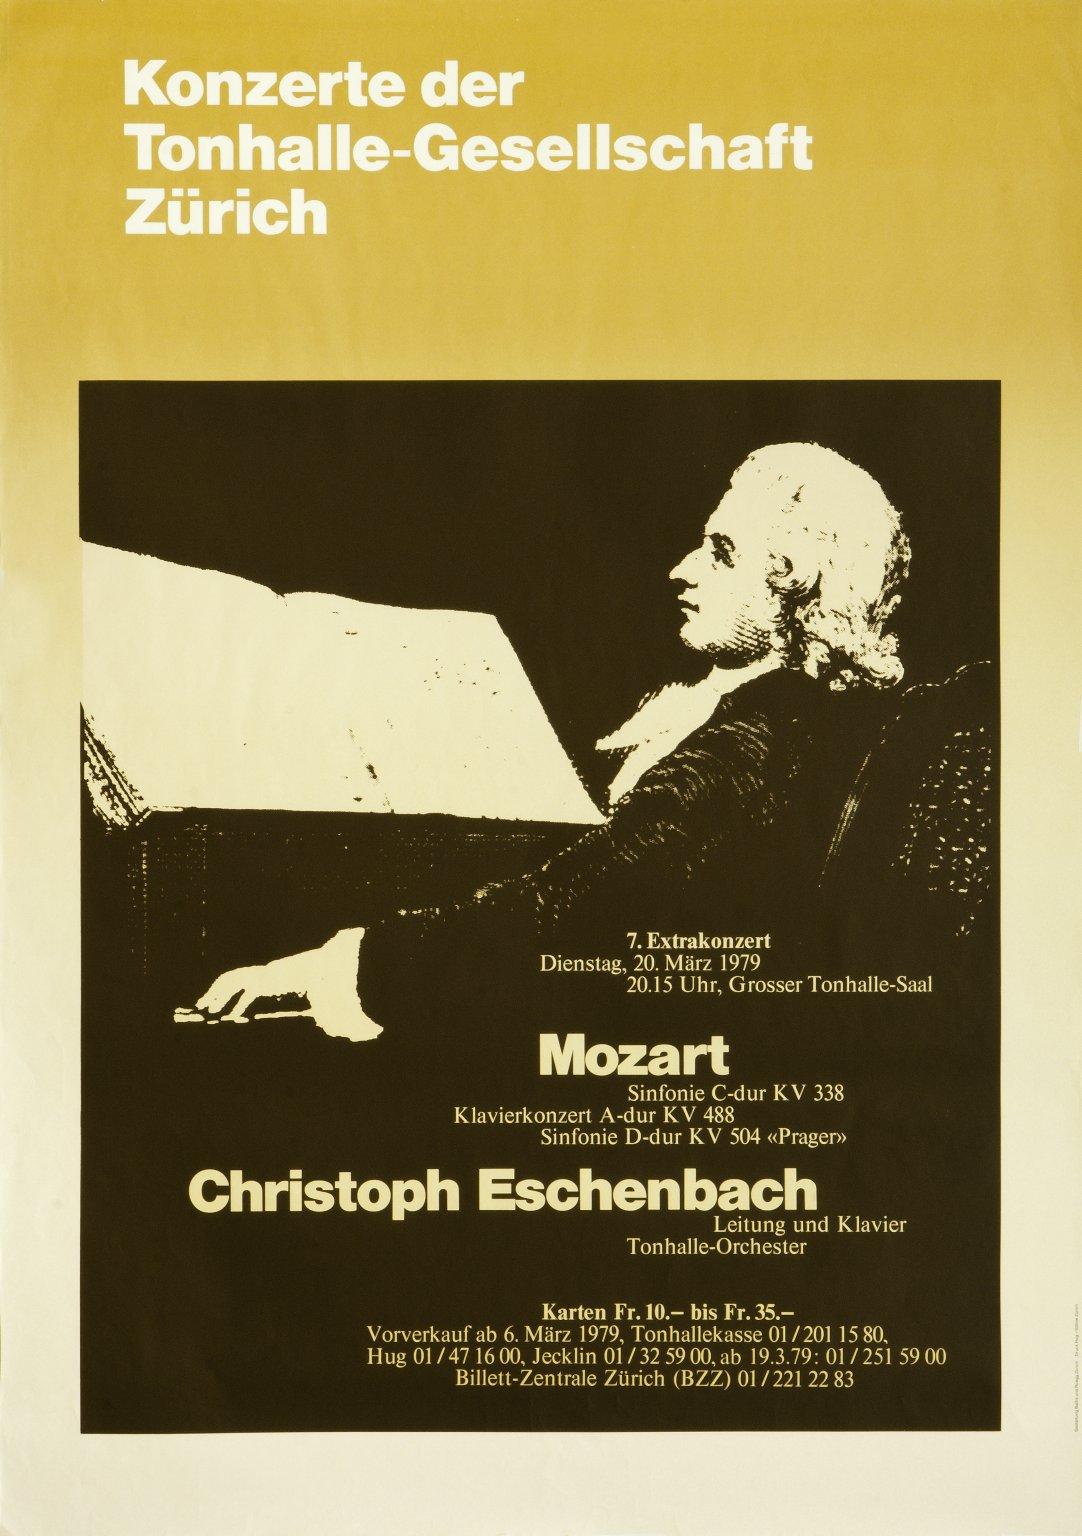 Mozart Christoph Eschenbach